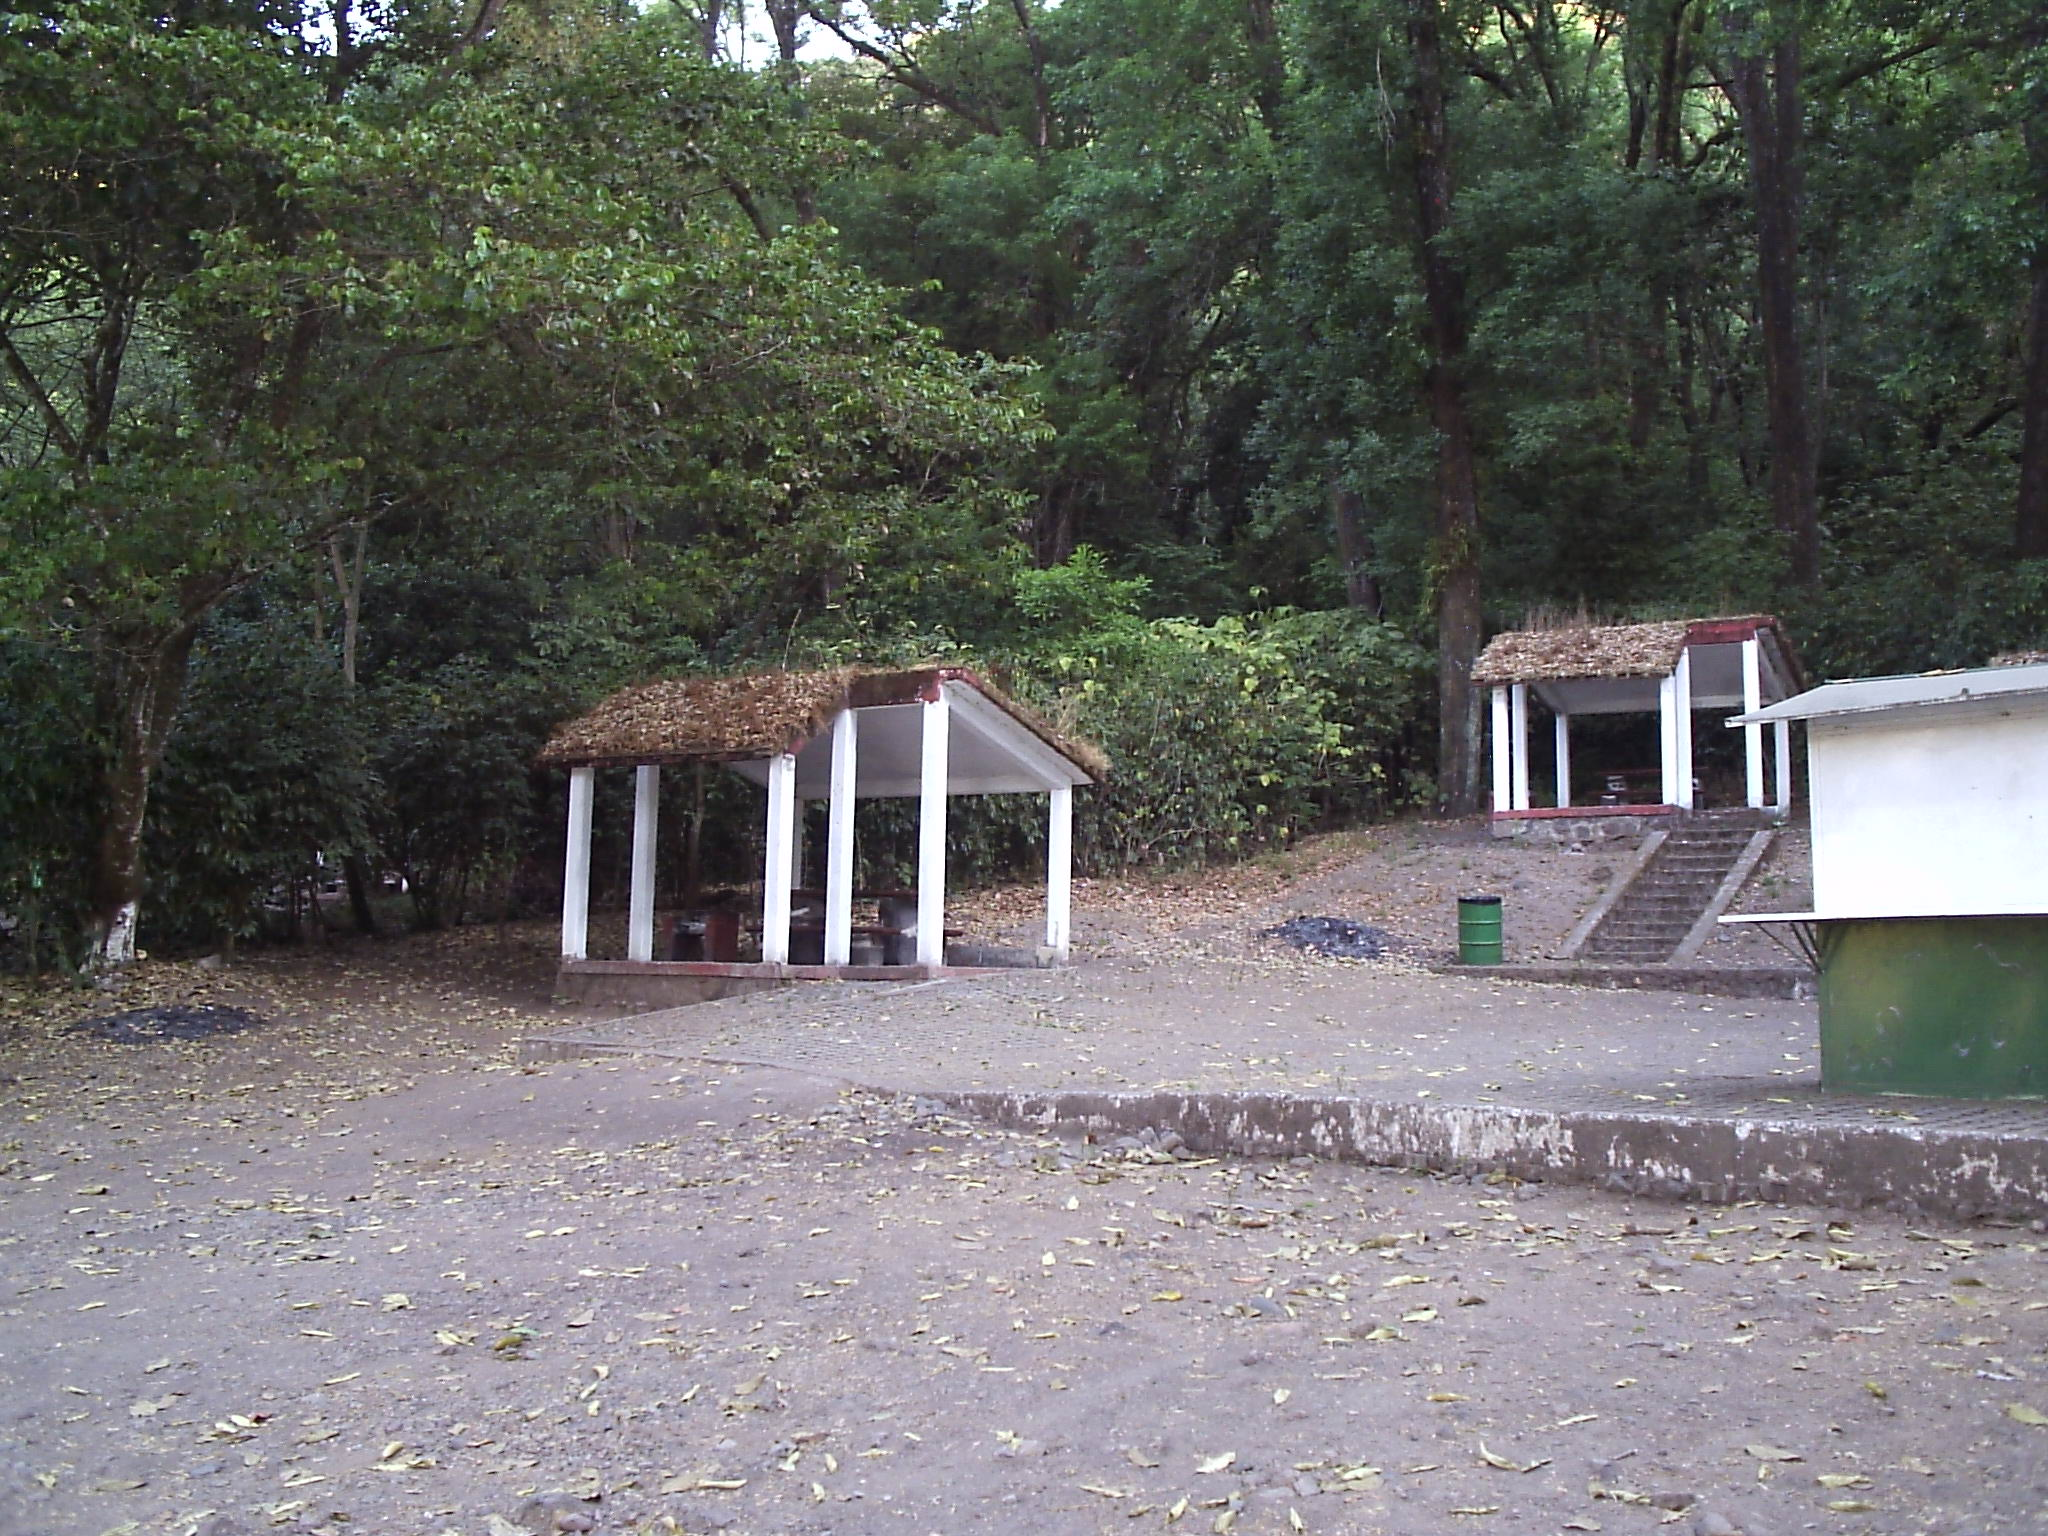 File:Comedores rústicos - panoramio.jpg - Wikimedia Commons